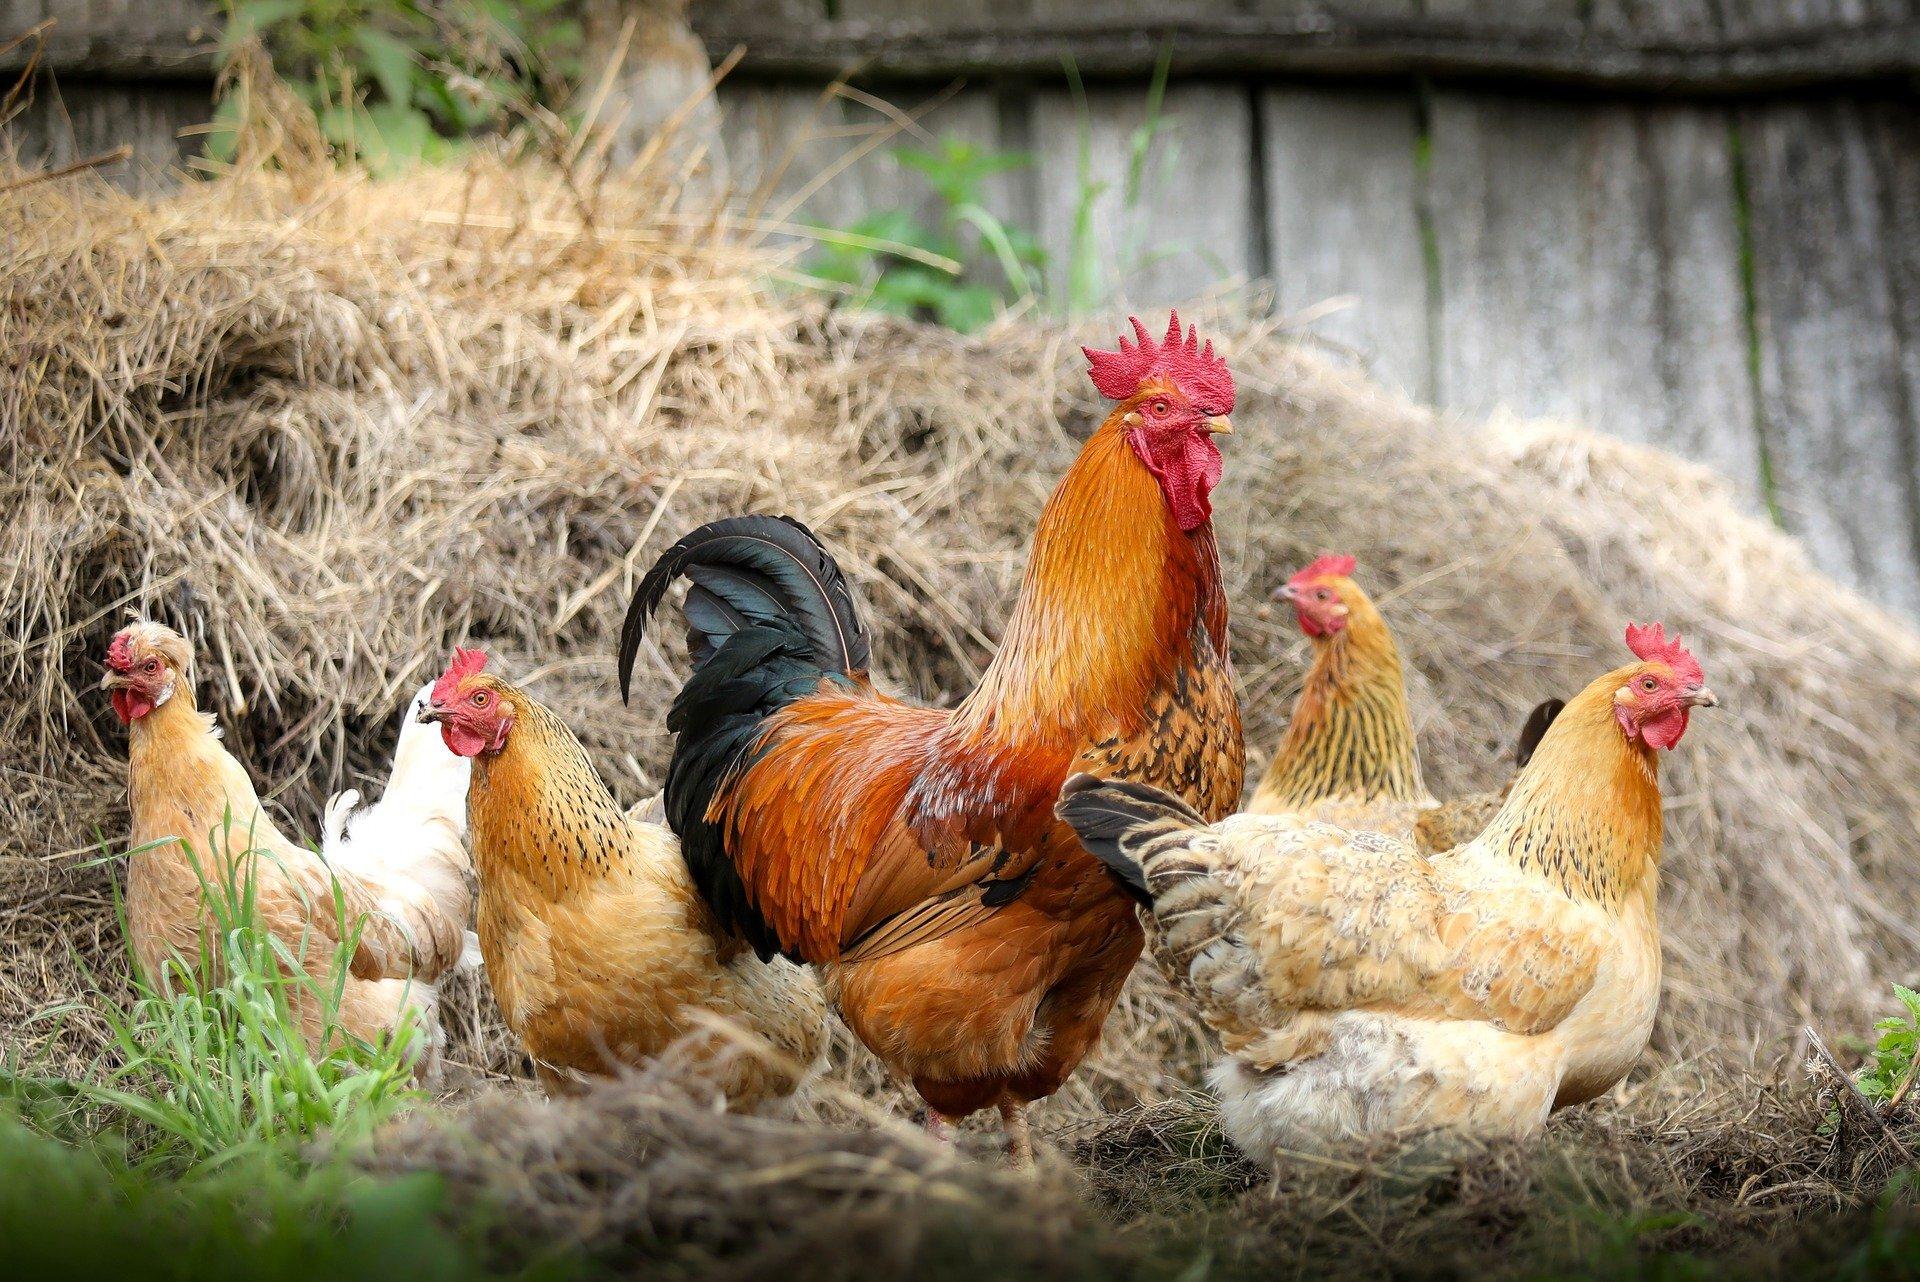 chickens-2522623_1920.jpg